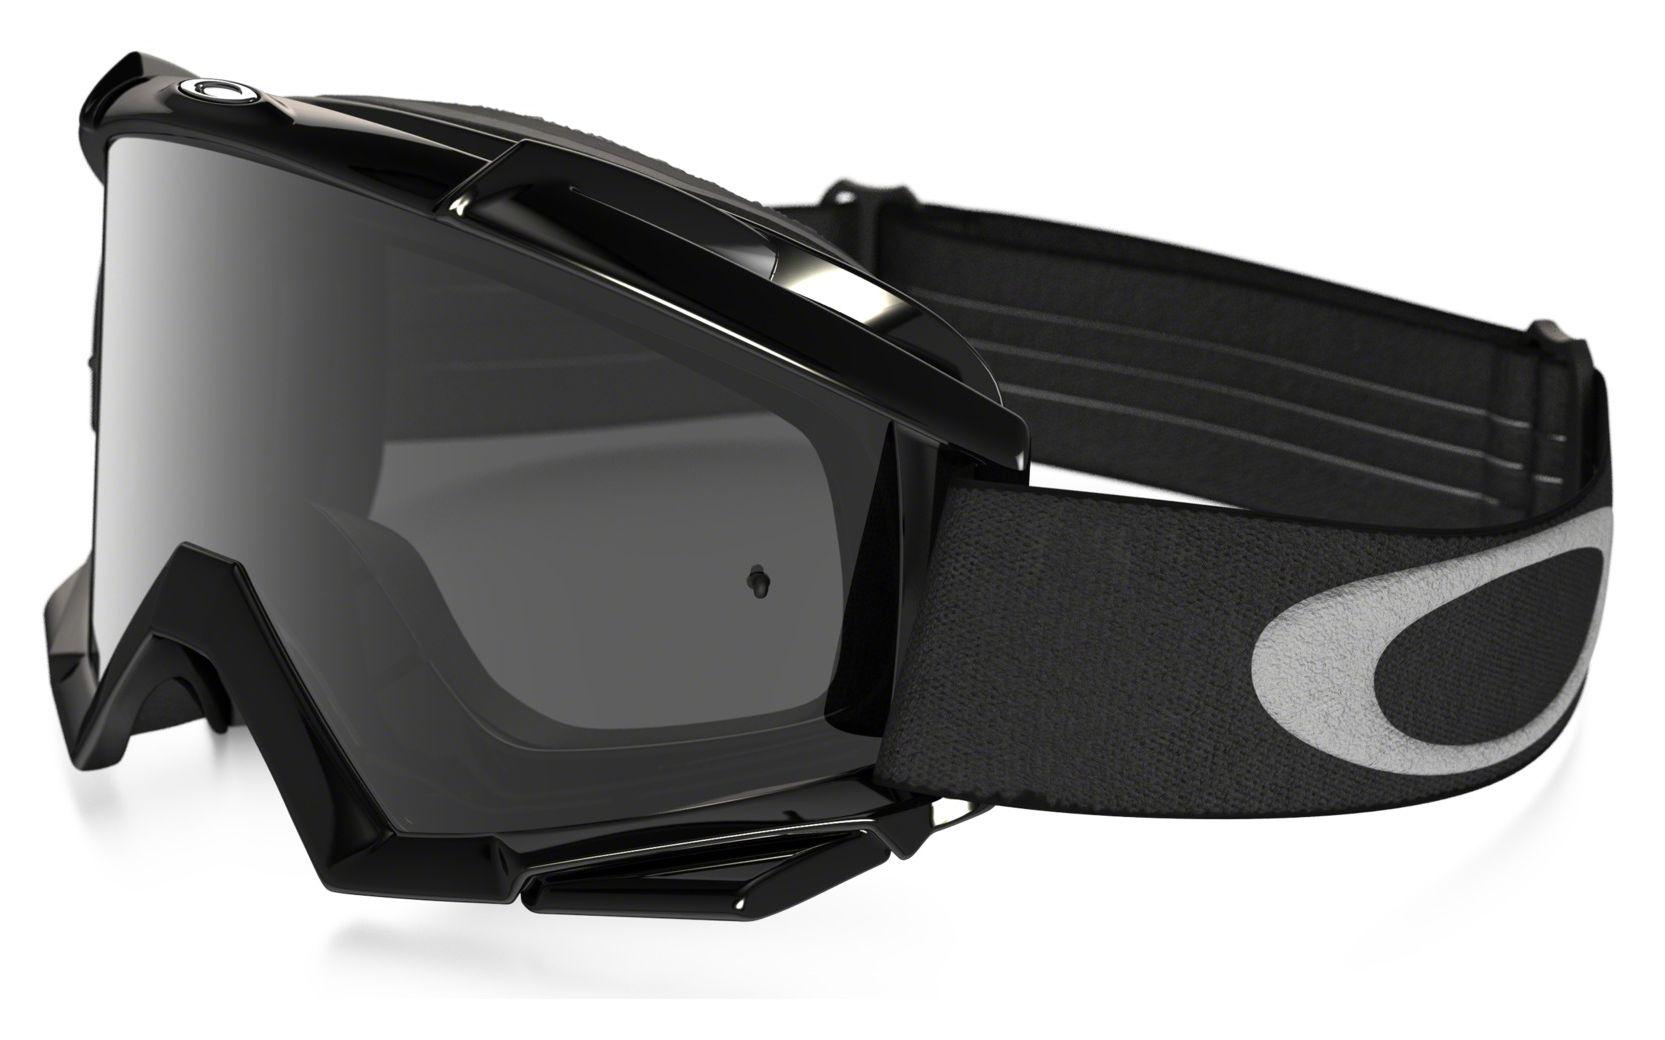 fba406fa06d Oakley Womens Mx Goggles